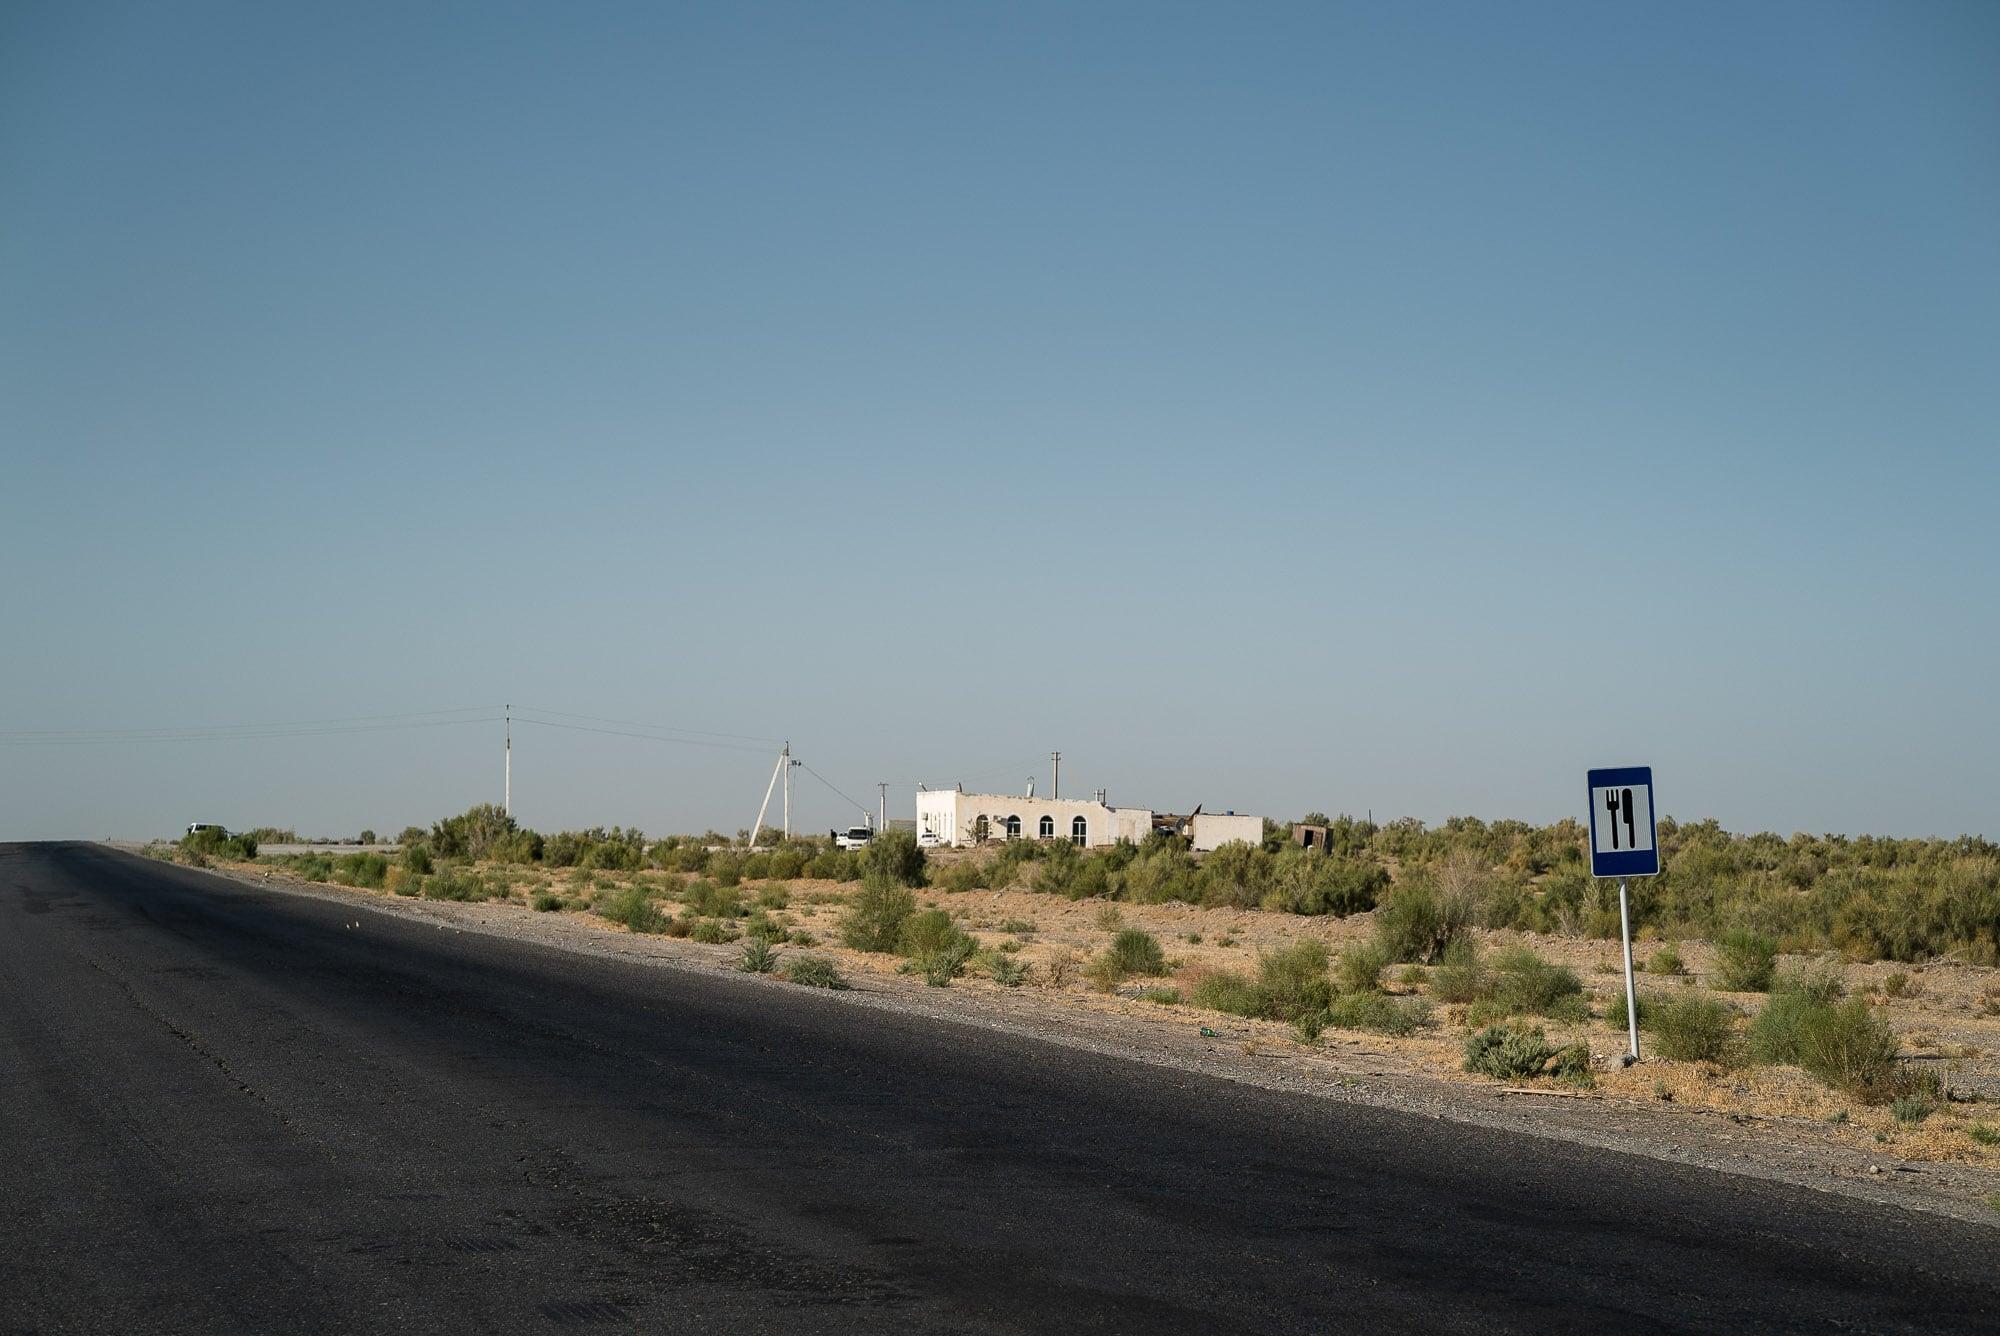 restaurant in the desert